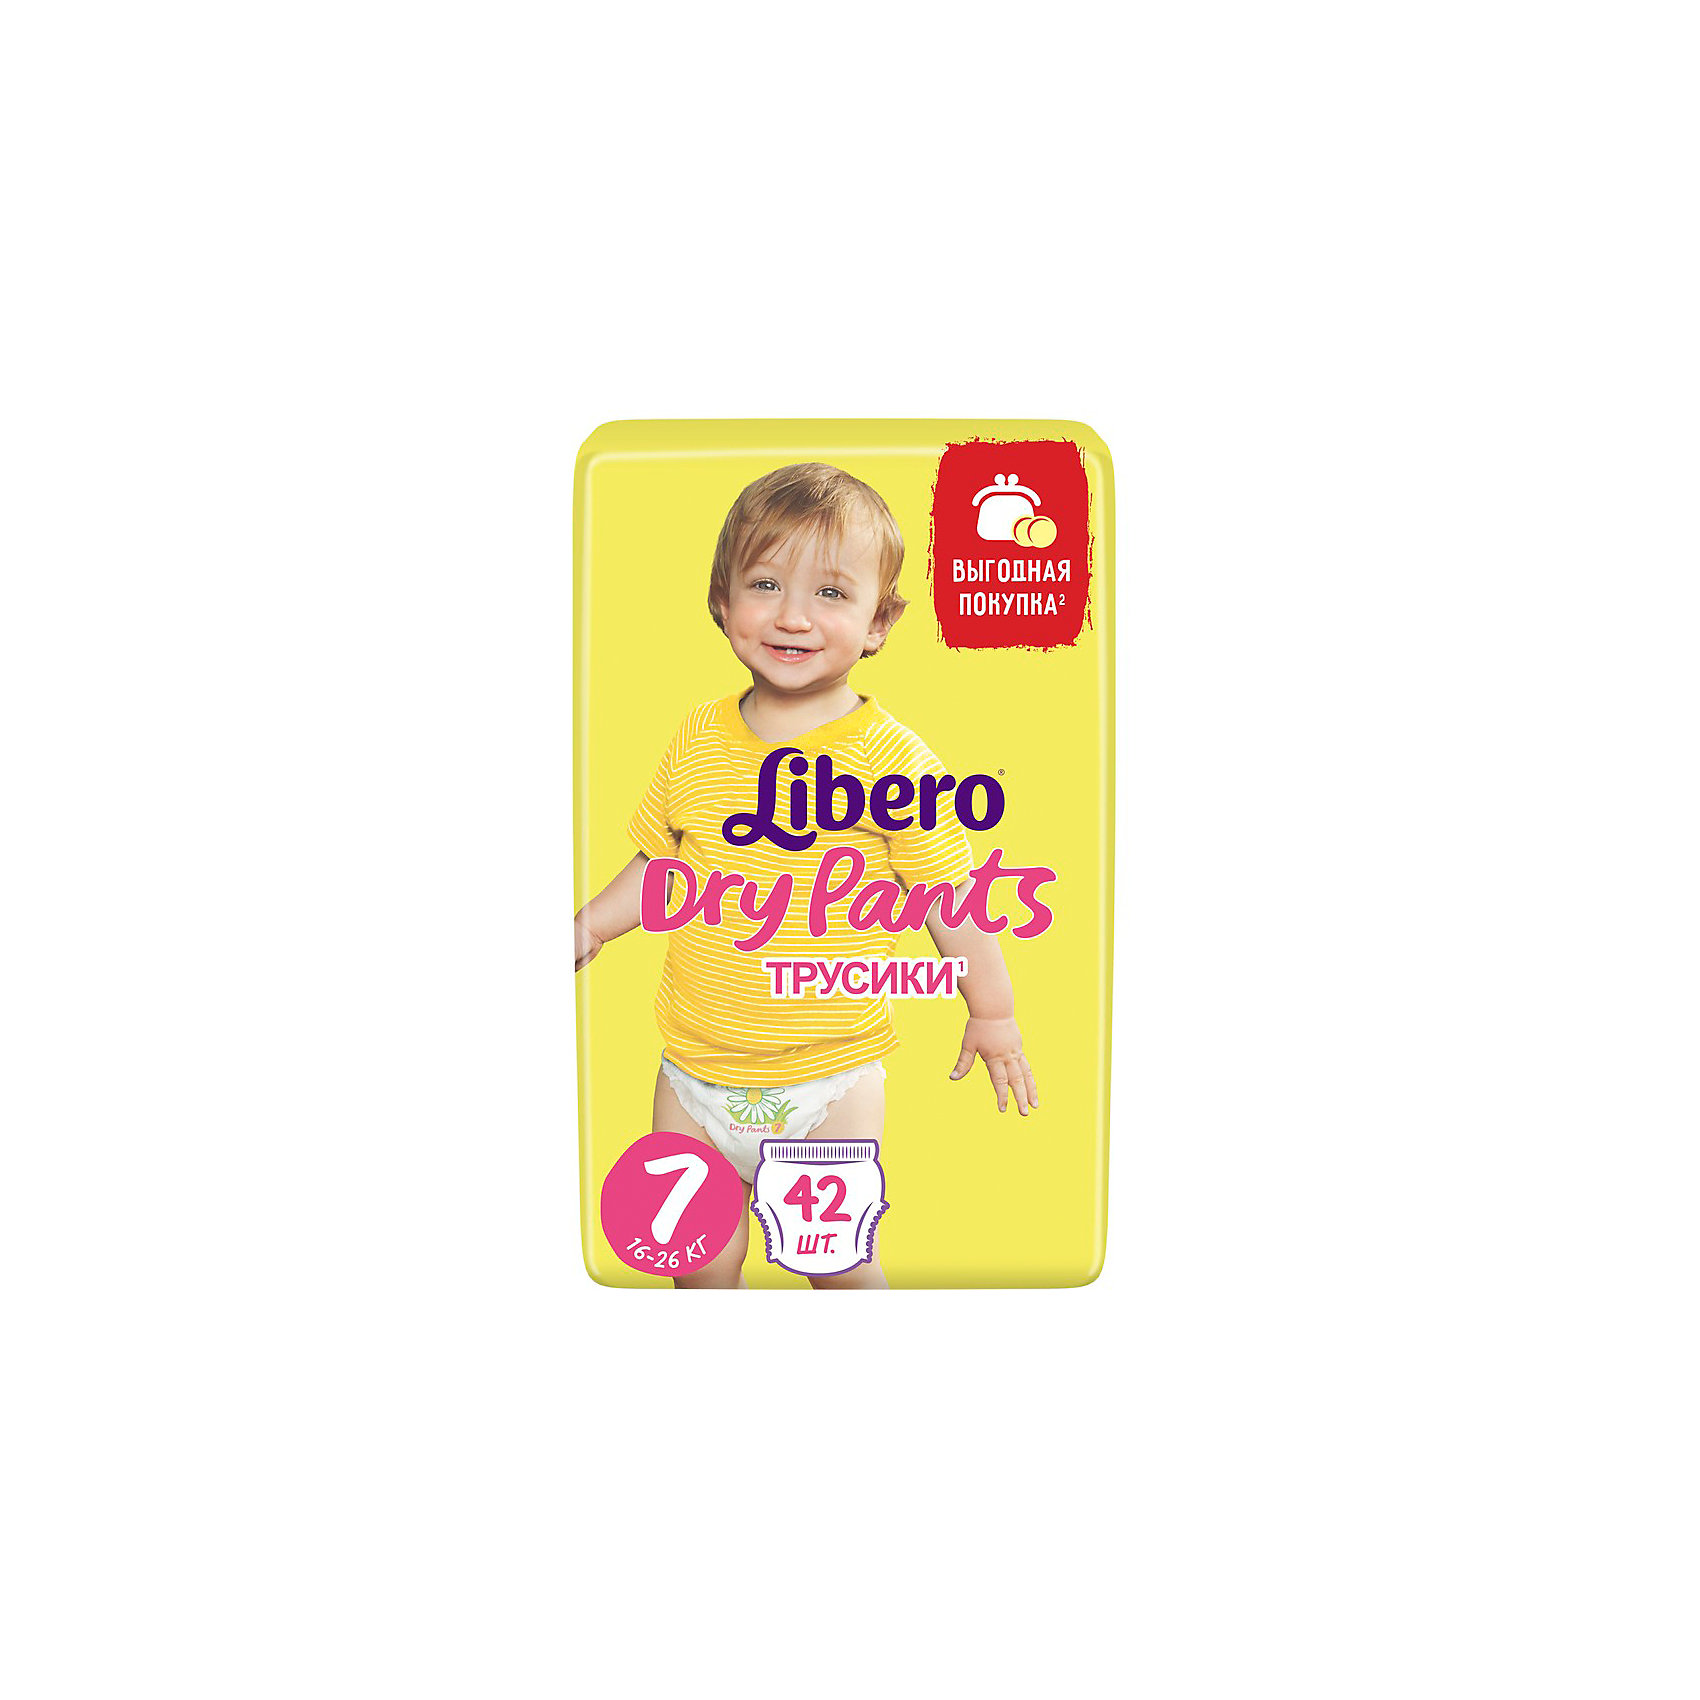 Трусики Libero Dry Pants, XL Plus 16-26 кг, 42 шт., MegaТрусики-подгузники<br>Трусики-подгузники Libero Dry Pants (Либеро Драй Пентс) Size 7 (16-26кг), 42 шт.<br><br>Характеристики: <br><br>• легко надевать<br>• мягкие и тонкие трусики<br>• отлично впитывают и удерживают влагу<br>• содержат экстракт ромашки<br>• тянущийся поясок из дышащих материалов<br>• барьеры вокруг ножек защищают от протекания<br>• не сковывают движений<br>• легко снимать и сворачивать<br>• размер: 7 (16-26 кг)<br>• количество в упаковке: 42шт.<br><br>Если ваш малыш не любит спокойно ждать пока вы его переоденете, то трусики-подгузники Libero Dry Pants станут для вас прекрасным решением. Они легко надеваются, как обычное белье и также легко снимаются при разрывании боковых швов. Трусики очень мягкие и тонкие, при этом они отлично впитывают и удерживают влагу, не стесняя движений крохи. Экстракт ромашки и алоэ успокоит нежную кожу малыша. Высокие барьеры и эластичный поясок препятствуют протеканию.  После использования вы легко сможете свернуть трусики и заклеить из специальной клейкой лентой. Яркая упаковка и привлекательный дизайн превратят процесс переодевания в веселую игру!<br><br>Трусики-подгузники Libero Dry Pants Size 7 (16-26кг), 42 шт. вы можете купить в нашем интернет-магазине.<br><br>Ширина мм: 147<br>Глубина мм: 240<br>Высота мм: 400<br>Вес г: 1829<br>Возраст от месяцев: 24<br>Возраст до месяцев: 84<br>Пол: Унисекс<br>Возраст: Детский<br>SKU: 3517639